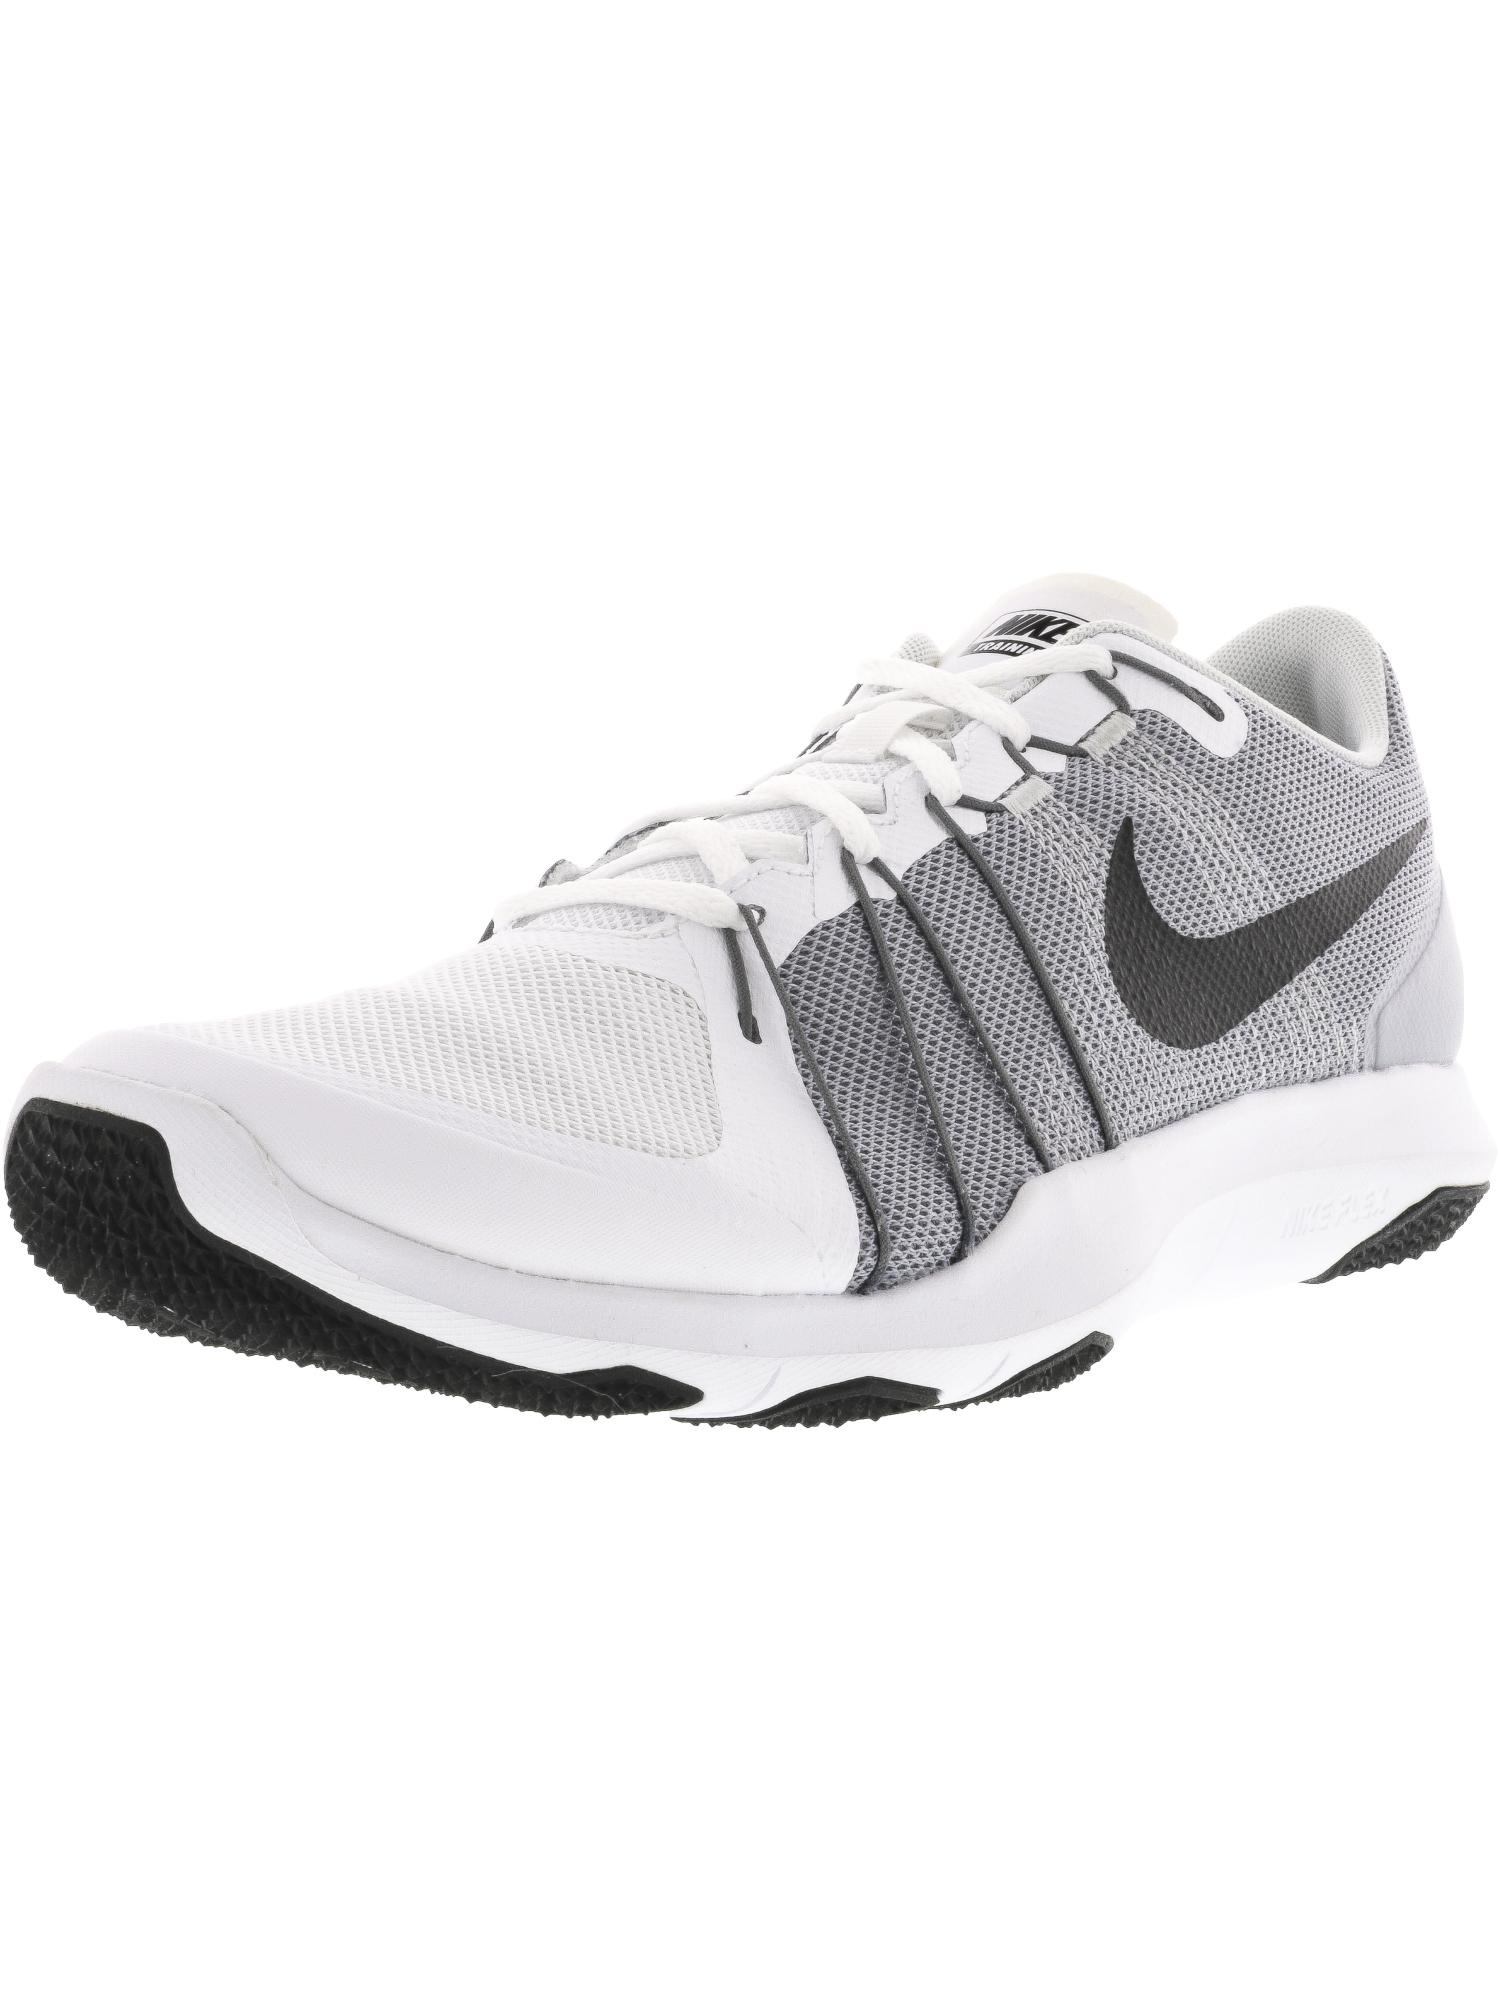 Nike Men's Flex Train Aver Ankle High Training Shoes eBay